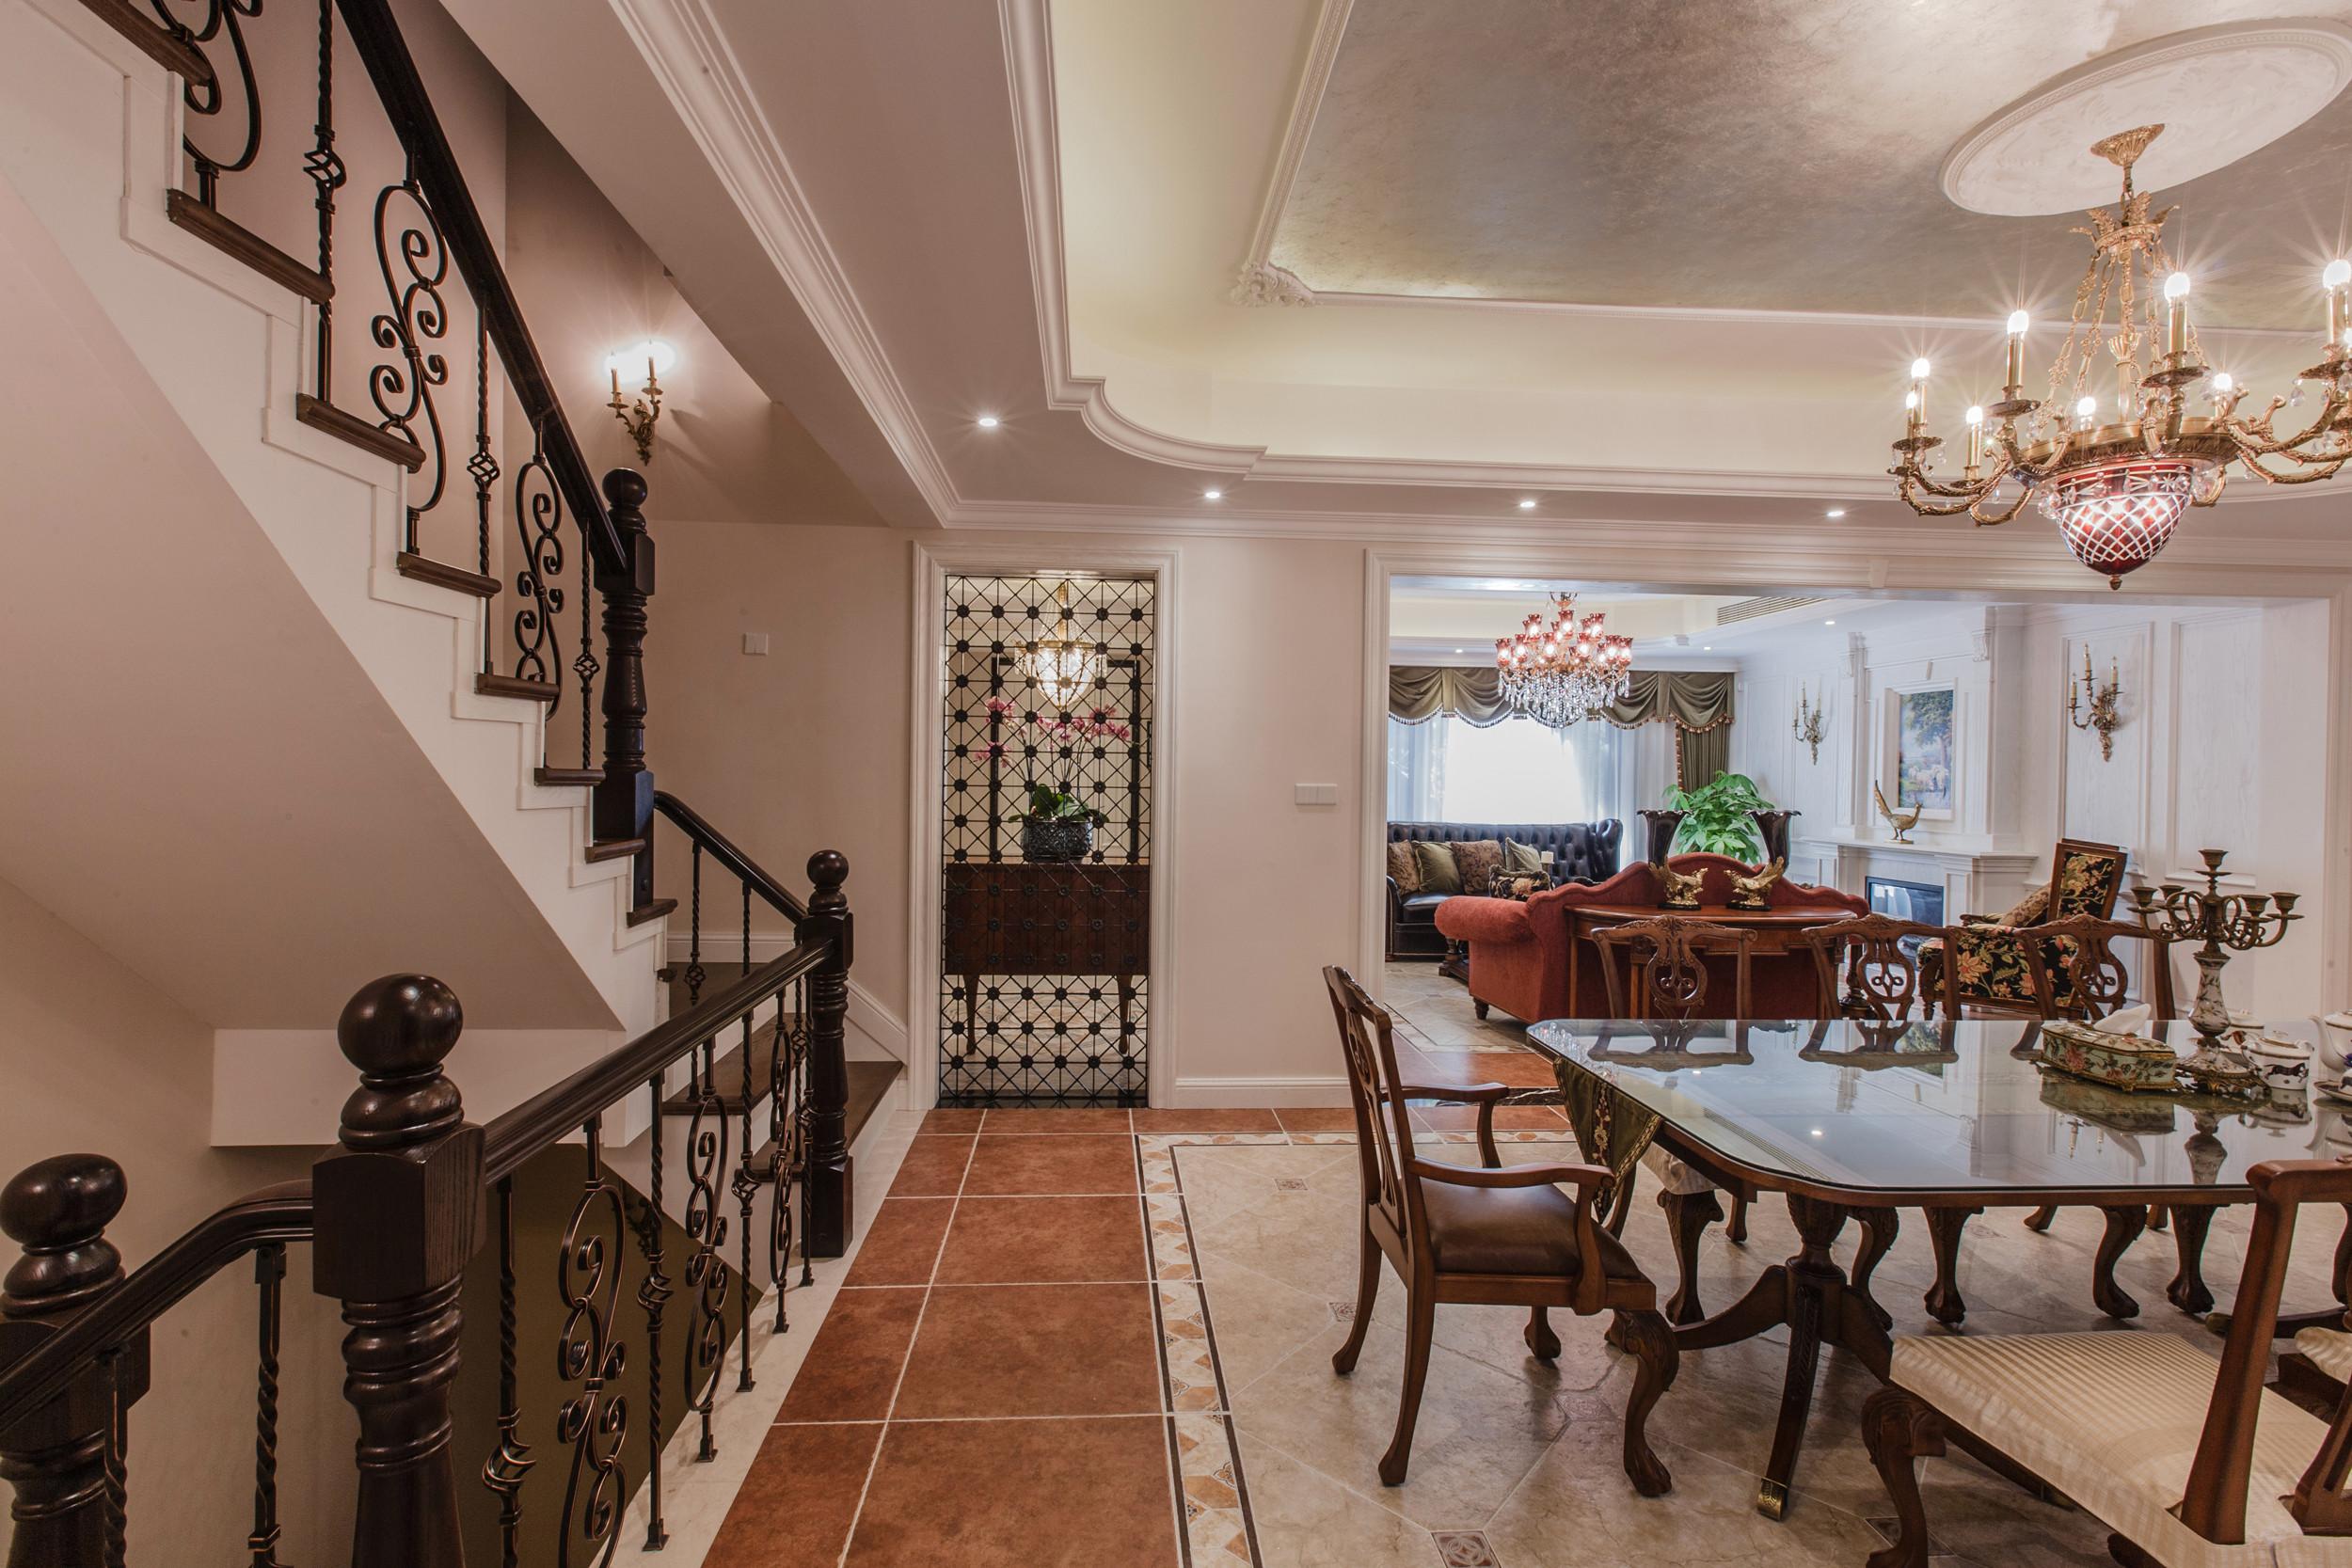 餐厅楼梯餐桌图片